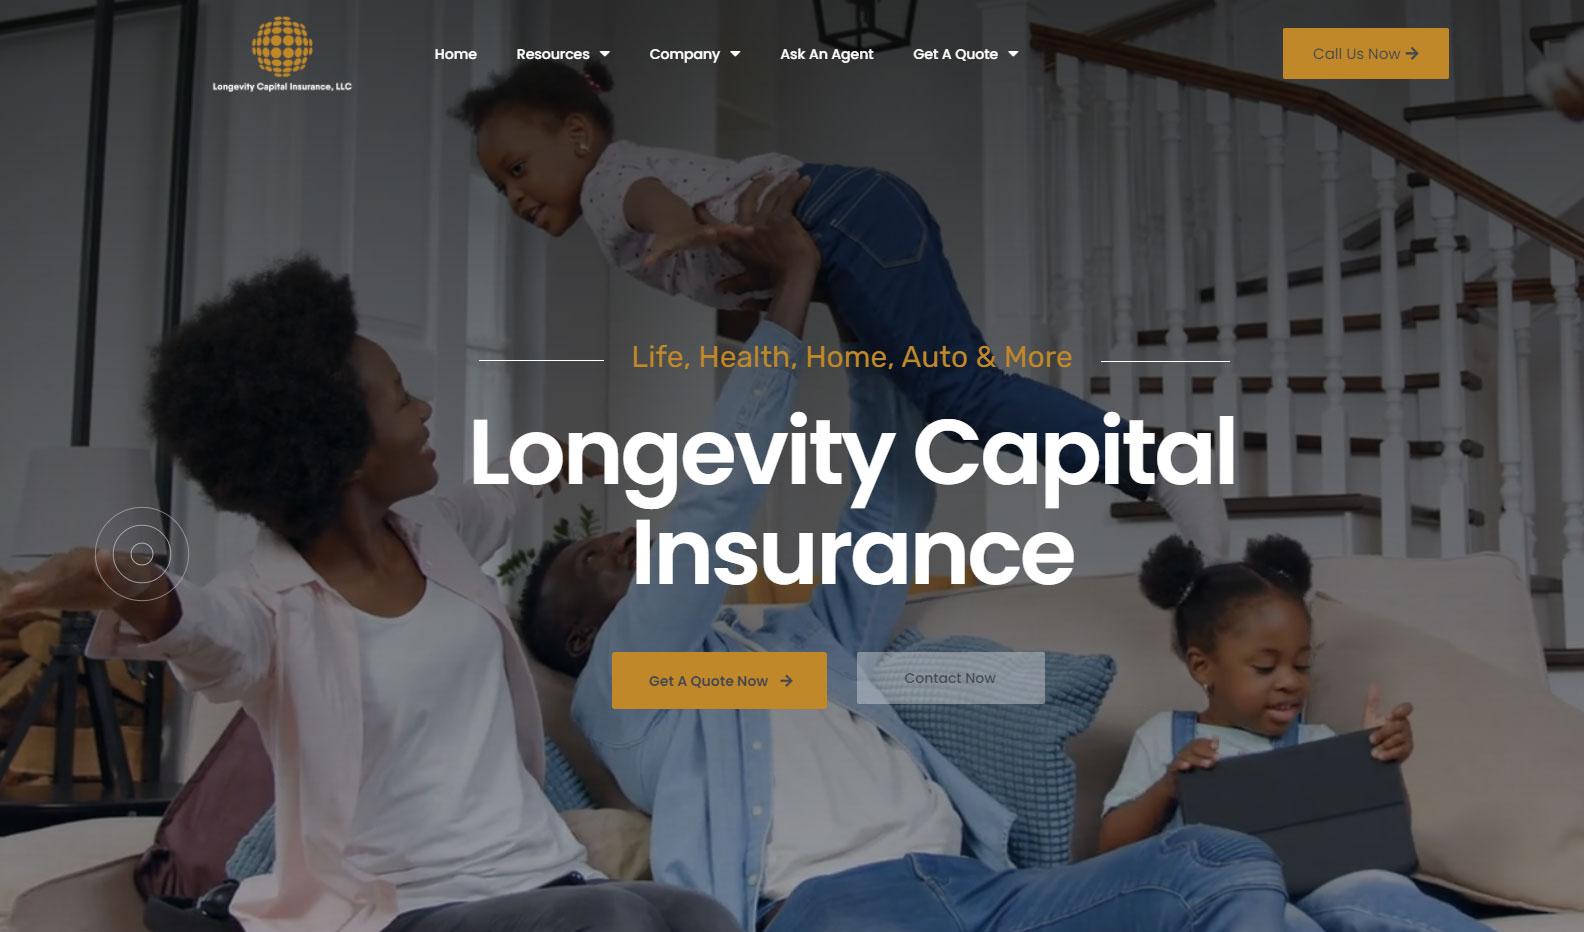 Longevity Capital Insurance